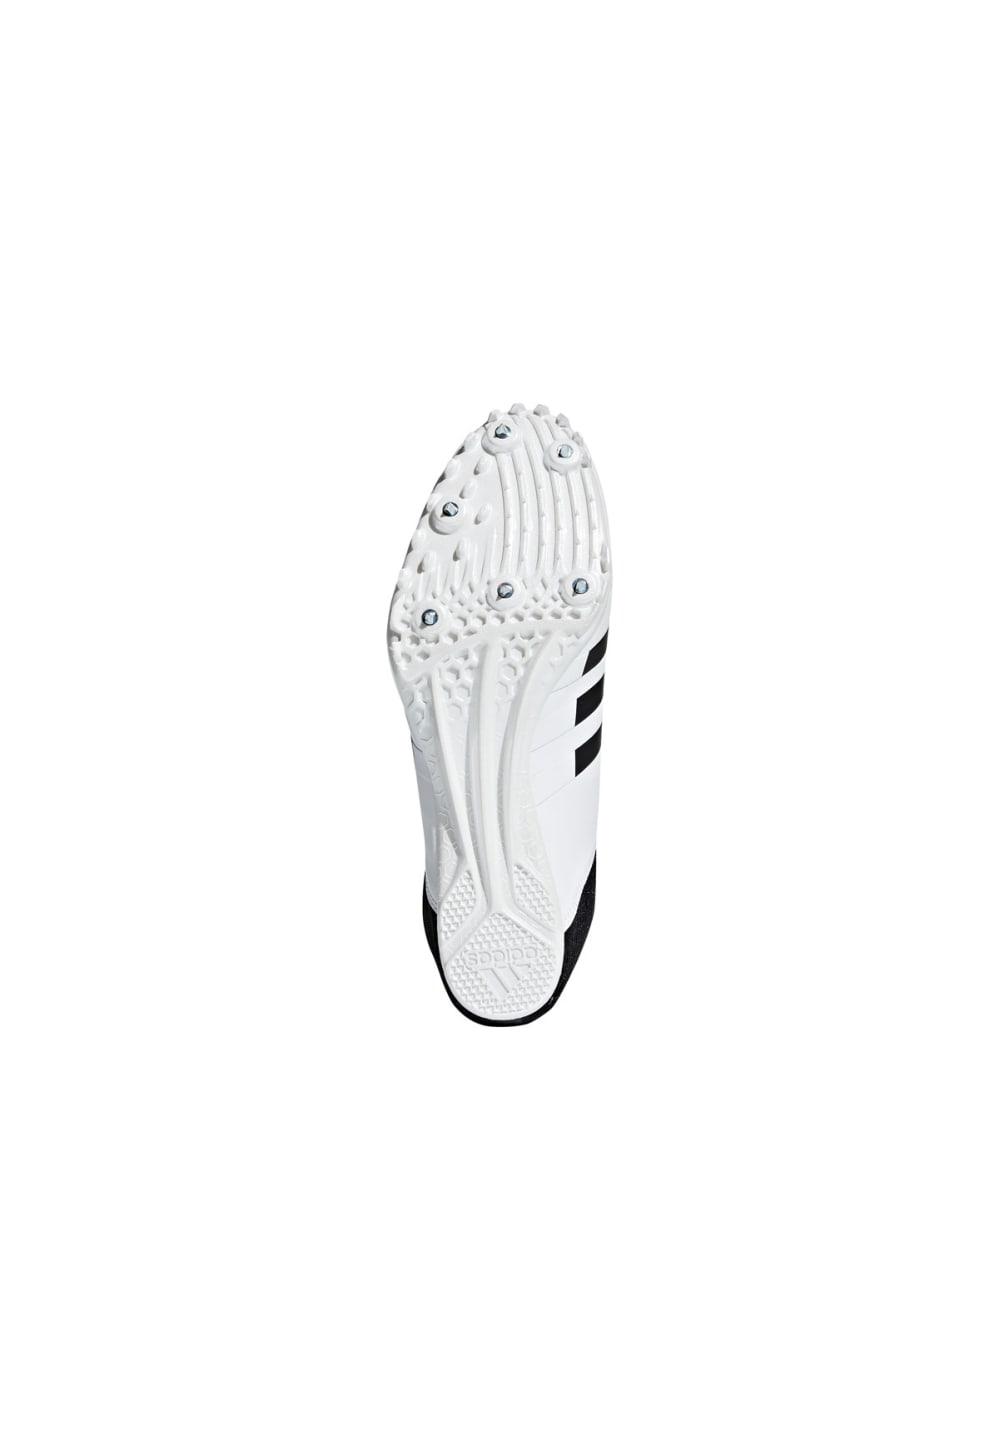 adidas Adizero Finesse Spike schuh Zapatillas de atletismo Blanco